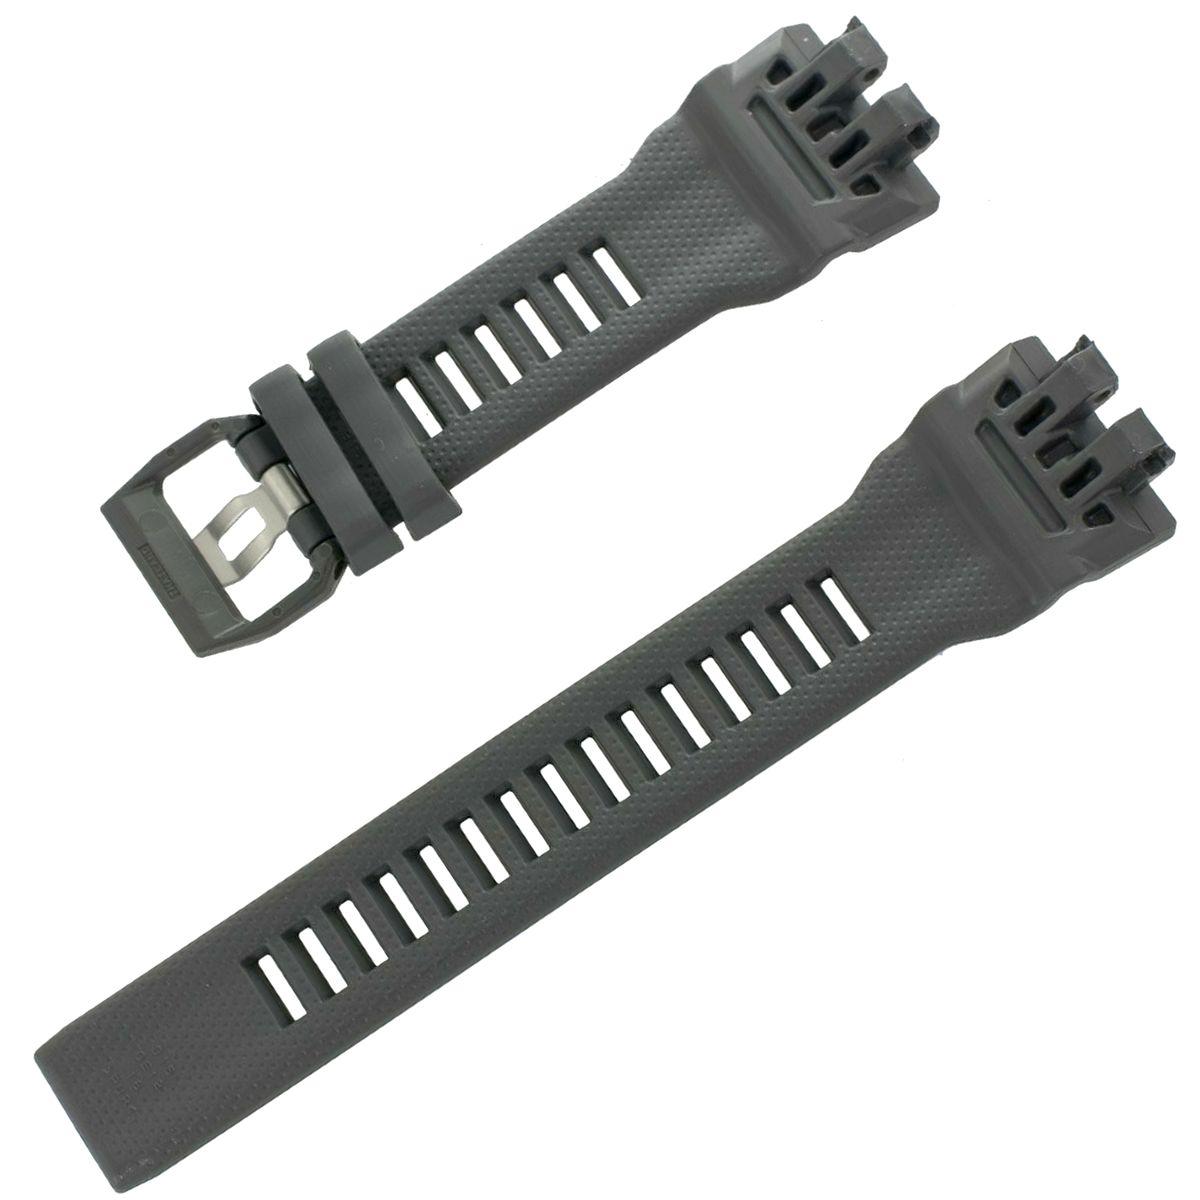 Pulseira Casio G-shock GBA-800-8A Resina Cinza  - E-Presentes